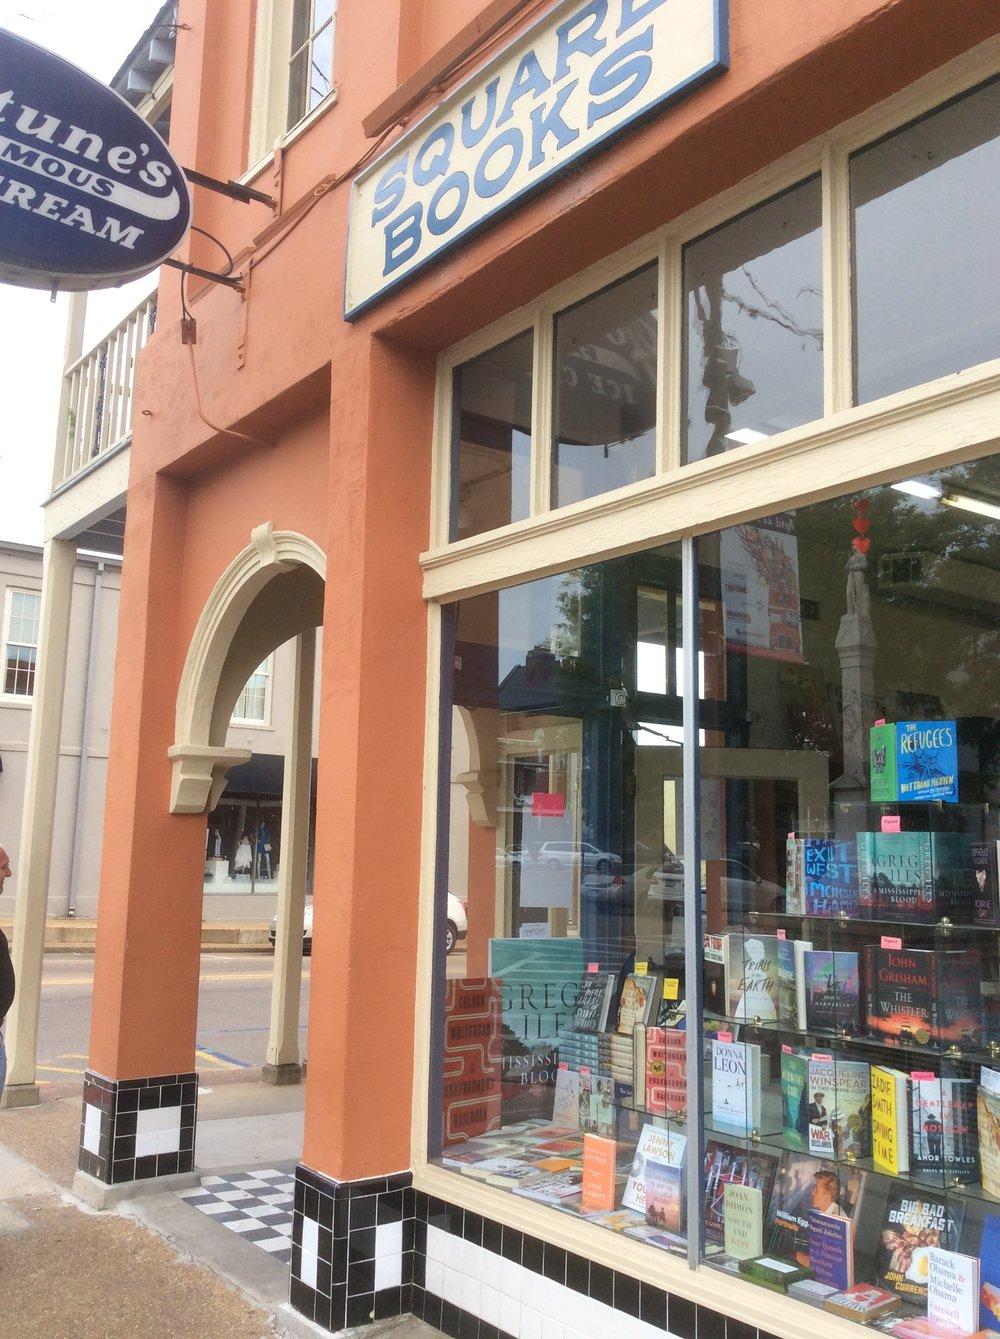 Square Books, Oxford, MS